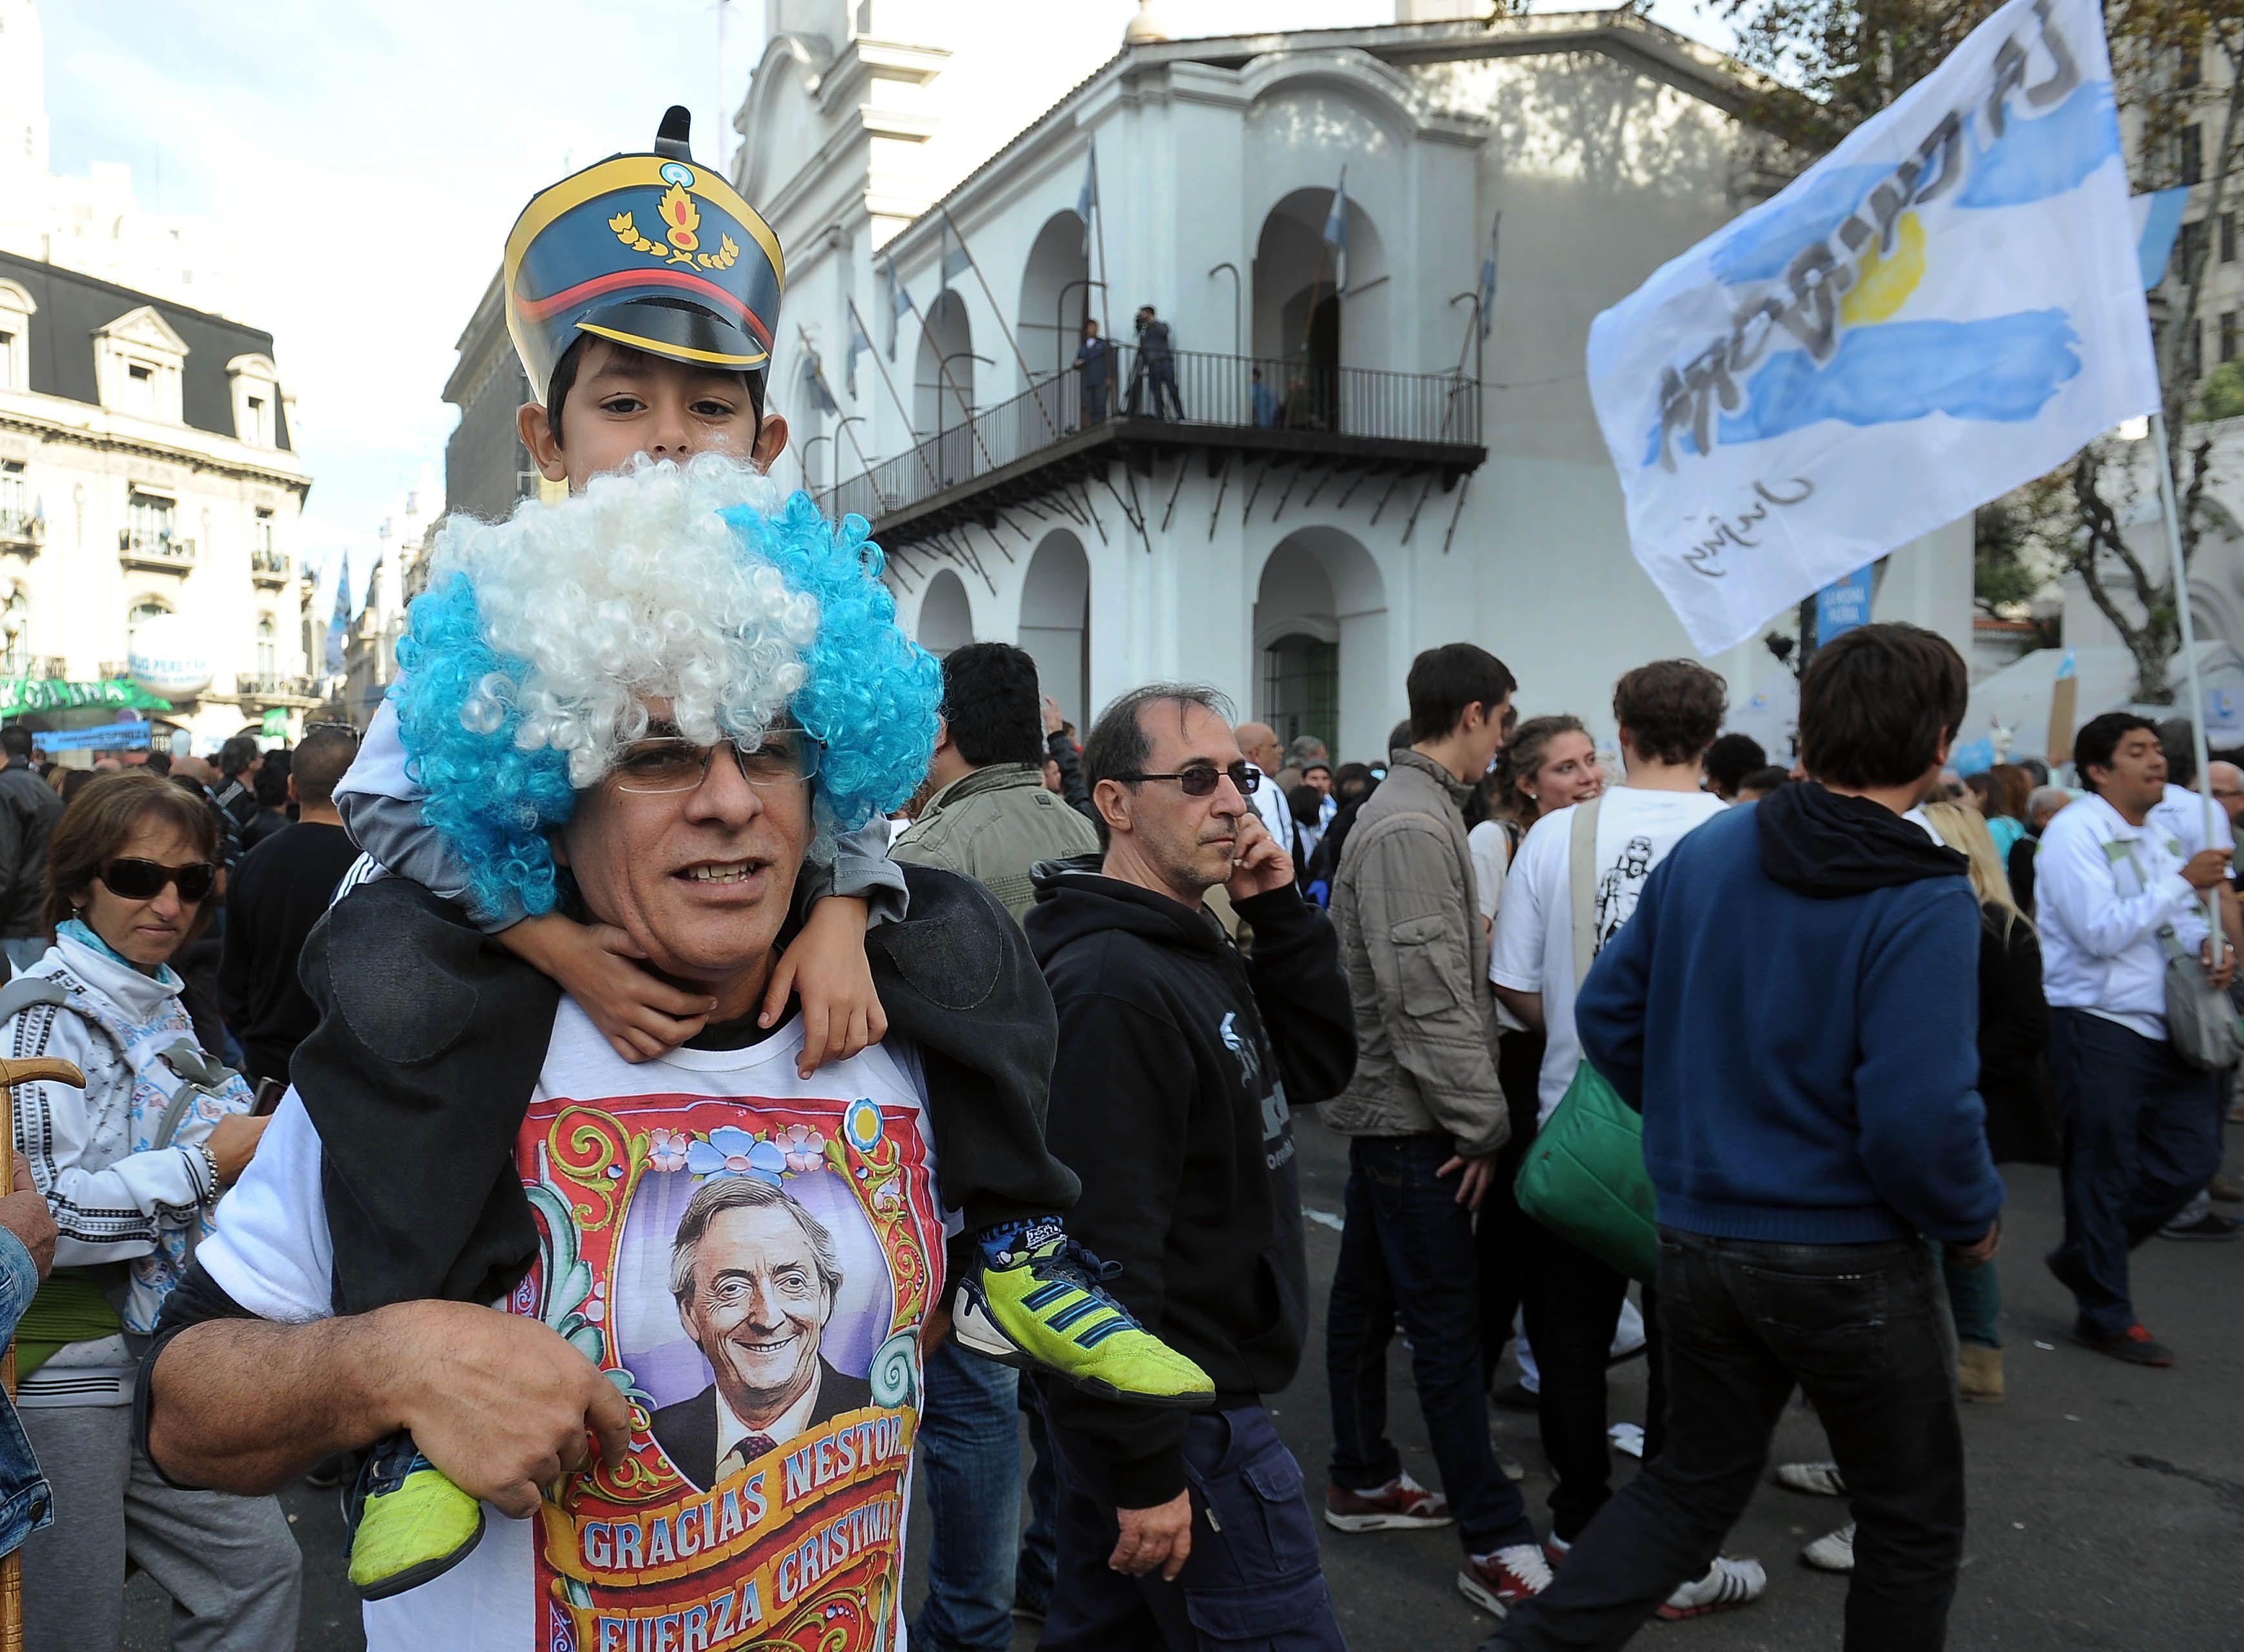 Una multitud, en el festival en conmemoración del 25 de mayo en la ciudad de Buenos Aires